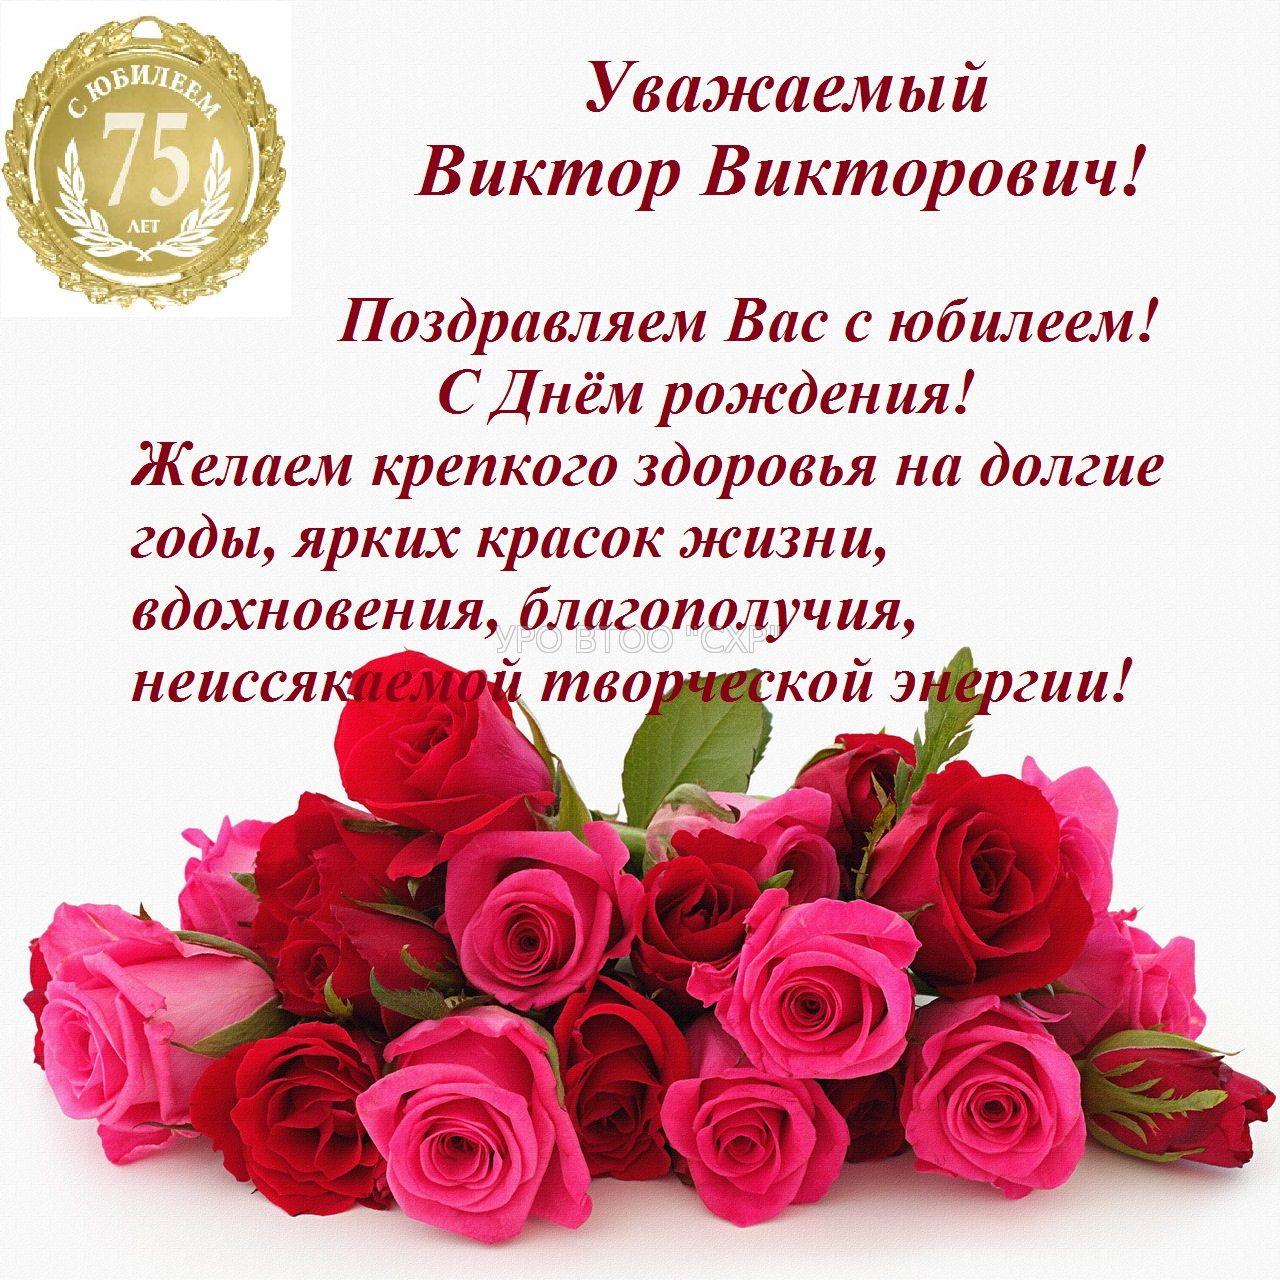 Поздравления в контакте - Поздравления с днем рождения 15